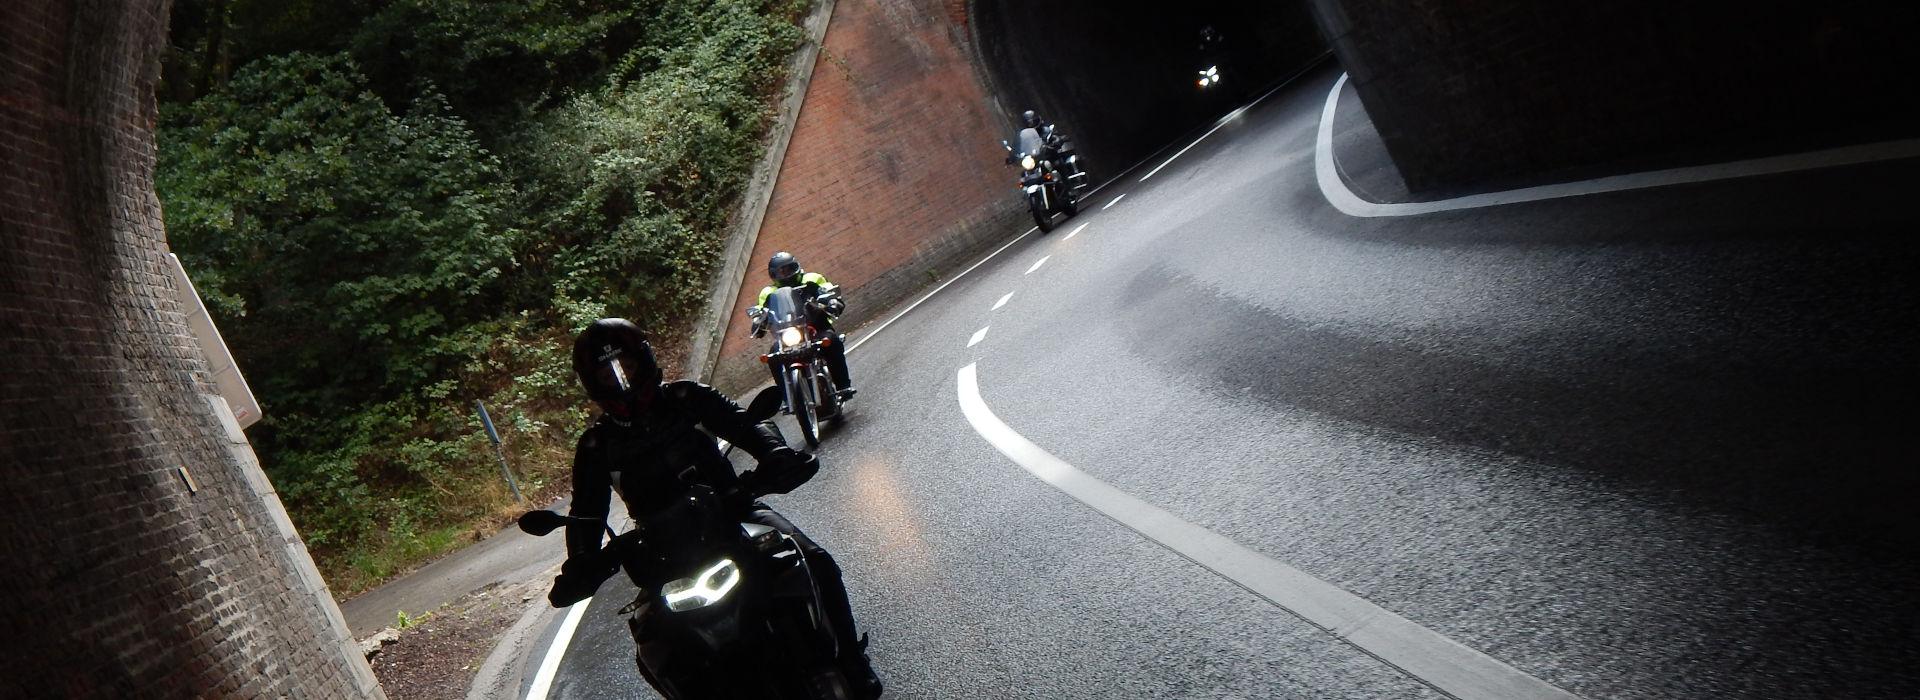 Motorrijbewijspoint Mierlo snel motorrijbewijs halen